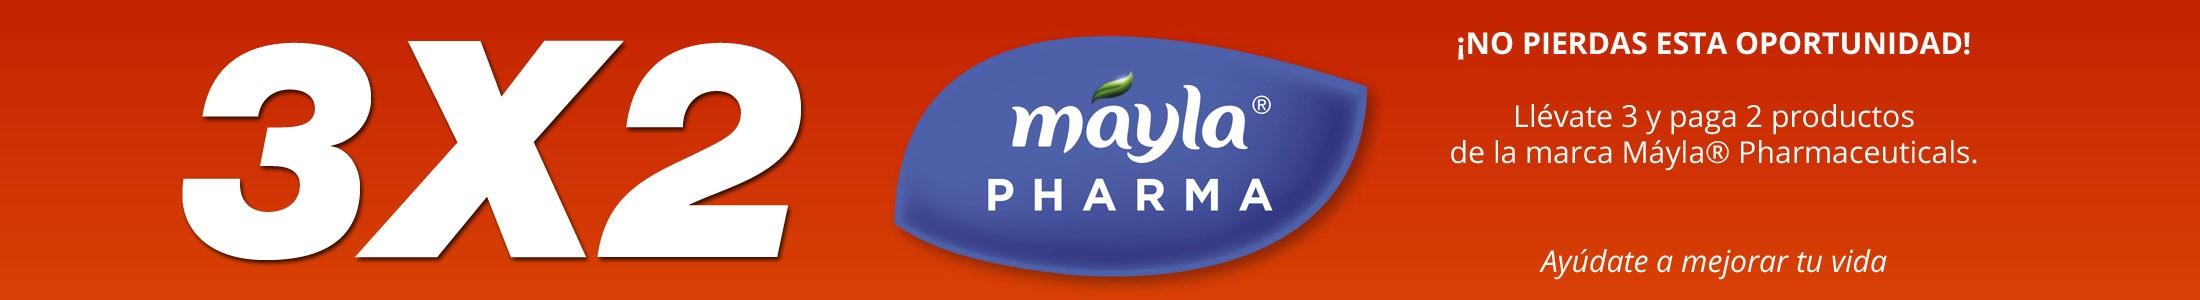 Mayla 3x2 Octubre